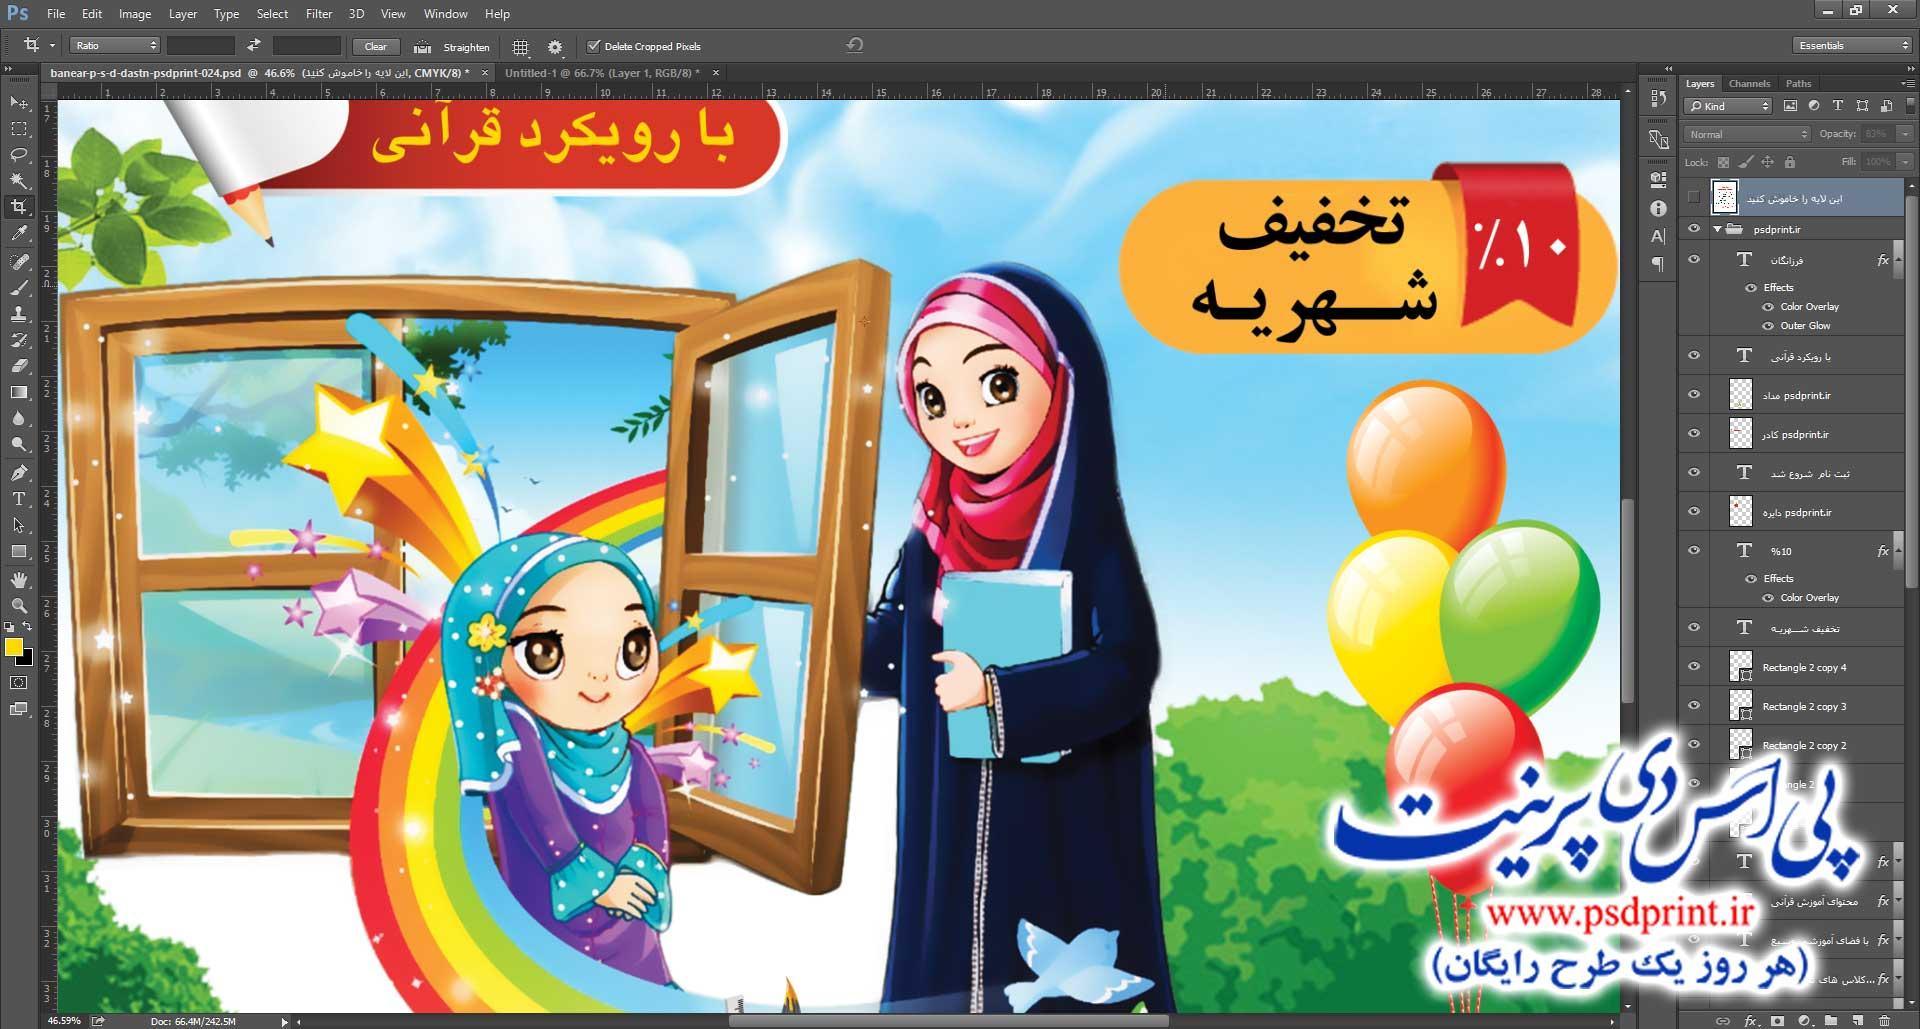 بنر تبلیغاتی ثبت نام دبستان دخترانه